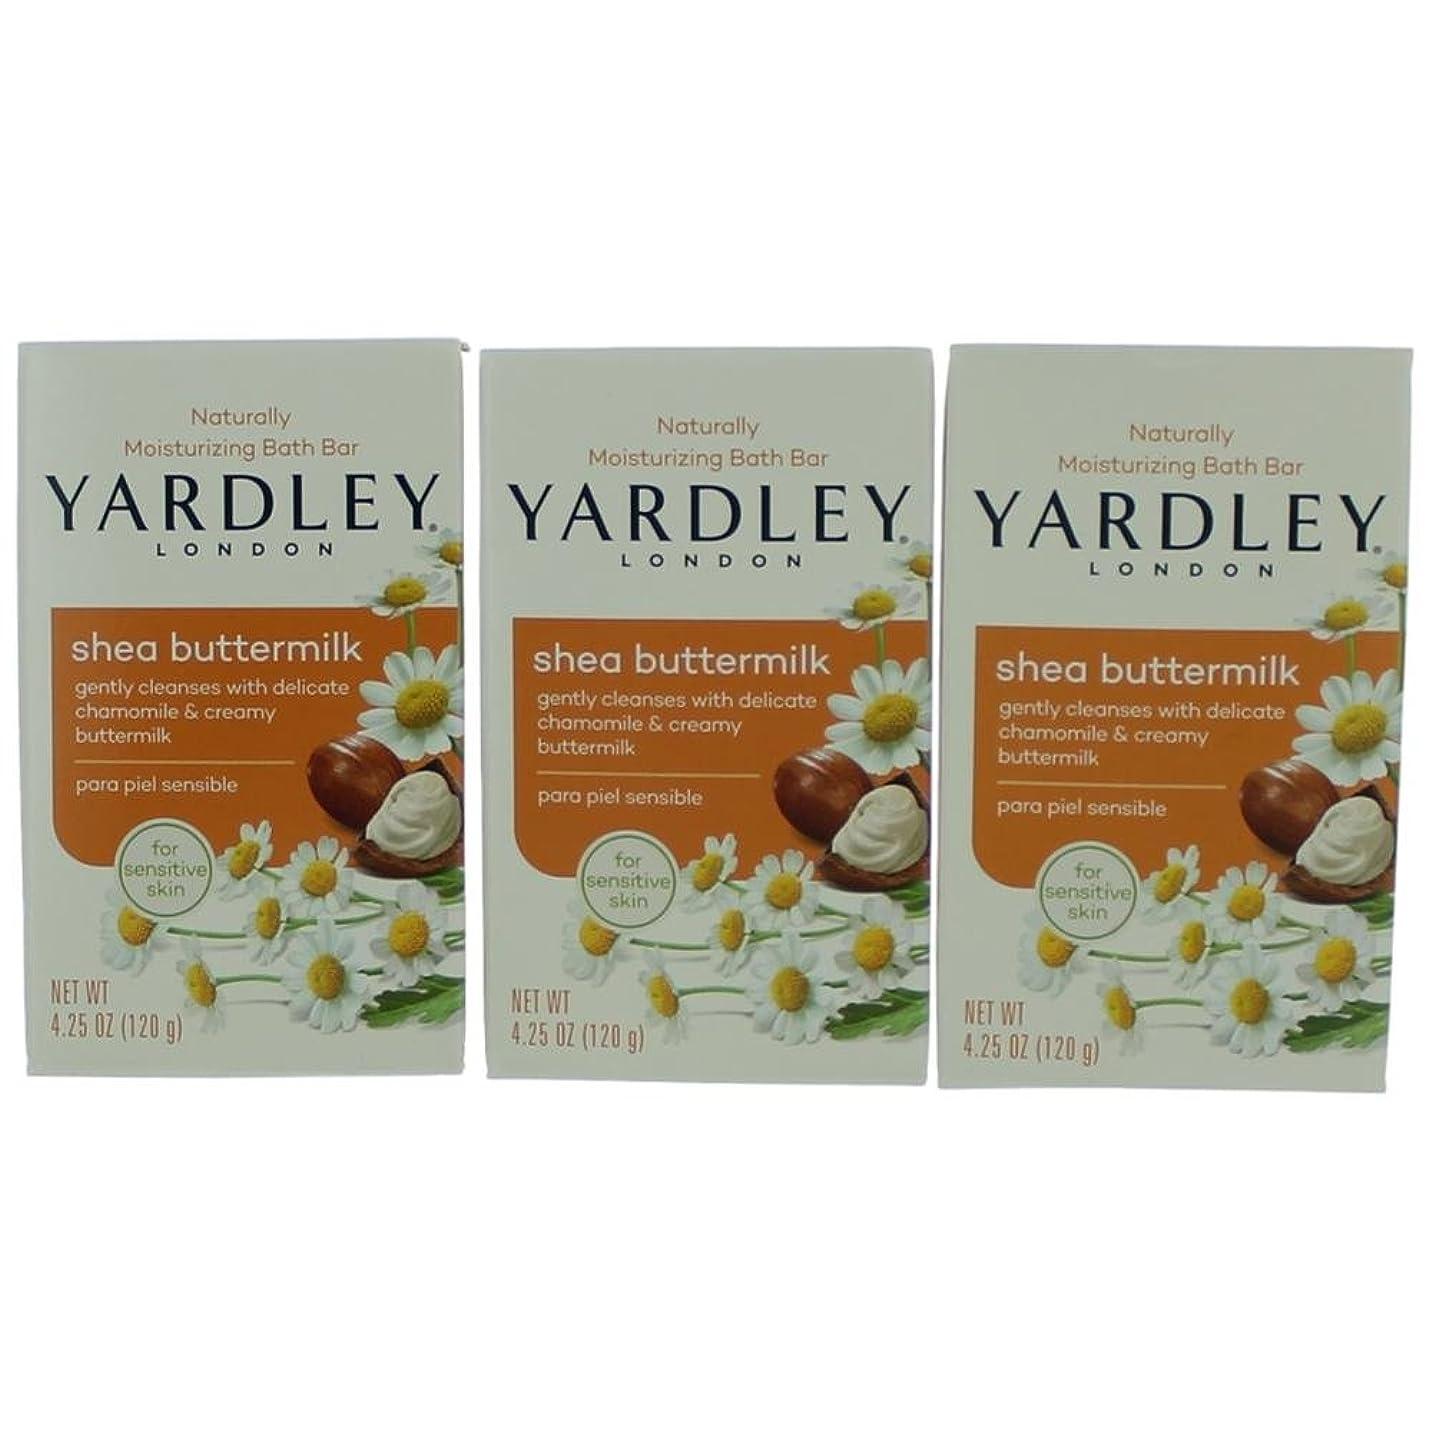 認めるかる忘れっぽいYardley ロンドン敏感肌シェイバターミルク石鹸、4.25オズ(4パック) 4パック